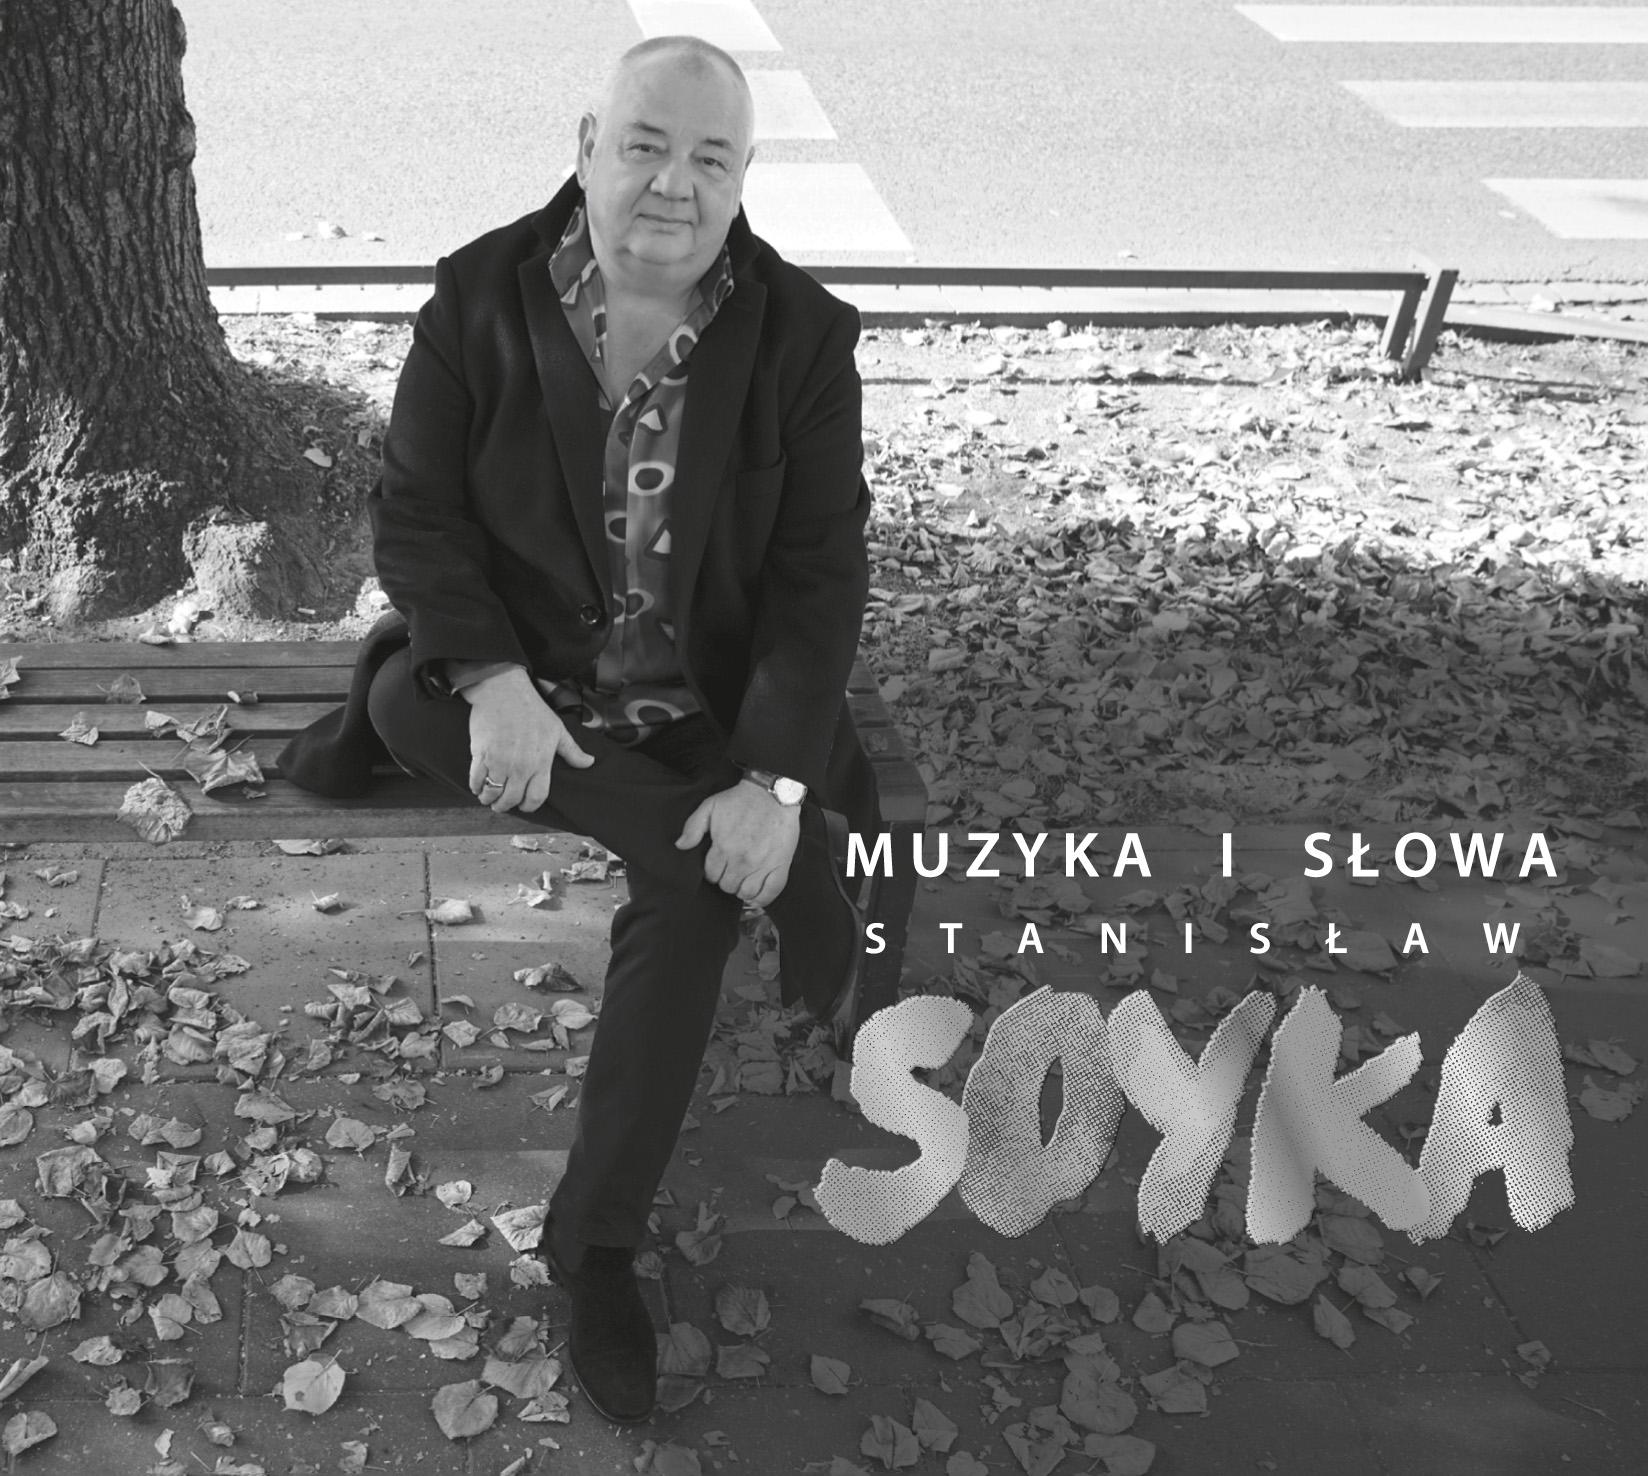 Stanisław Soyka - premiera autorskiego albumu 1 lutego 2019